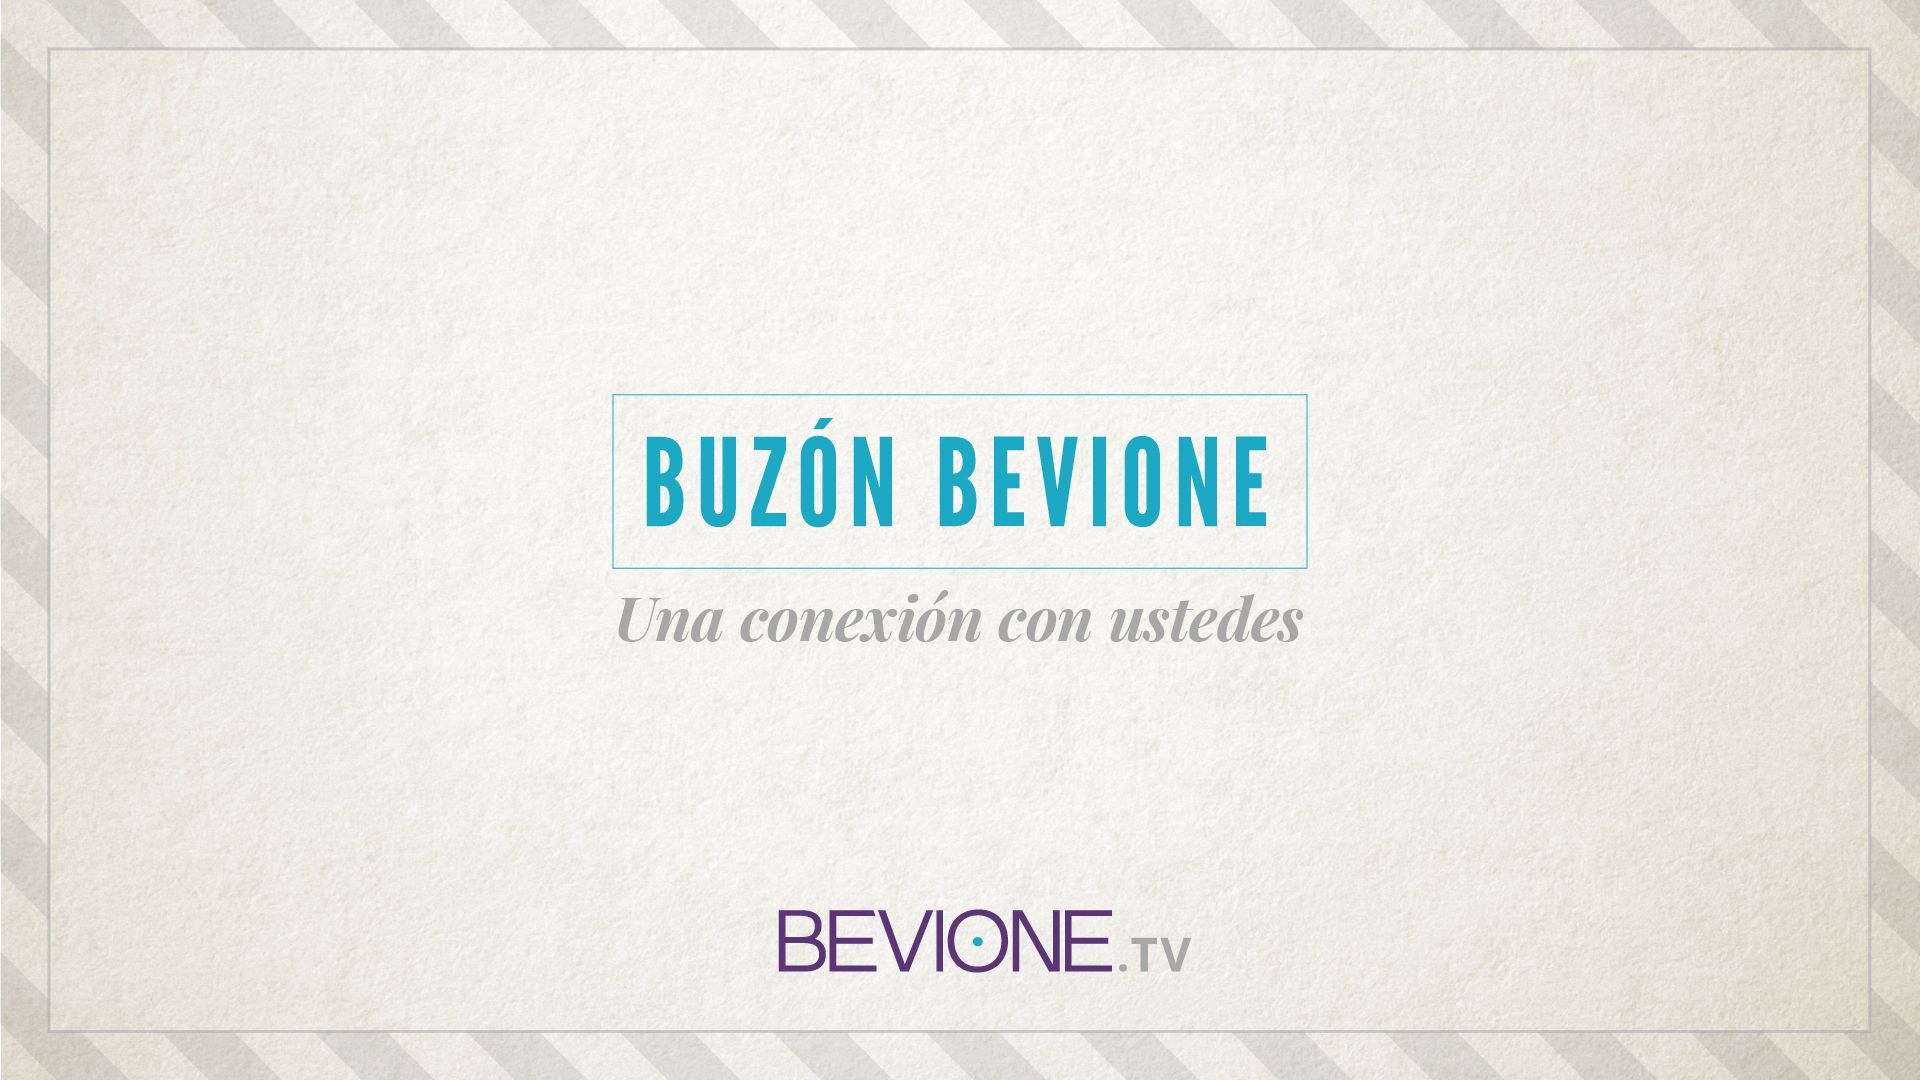 BUZON BEVIONE_1080-01